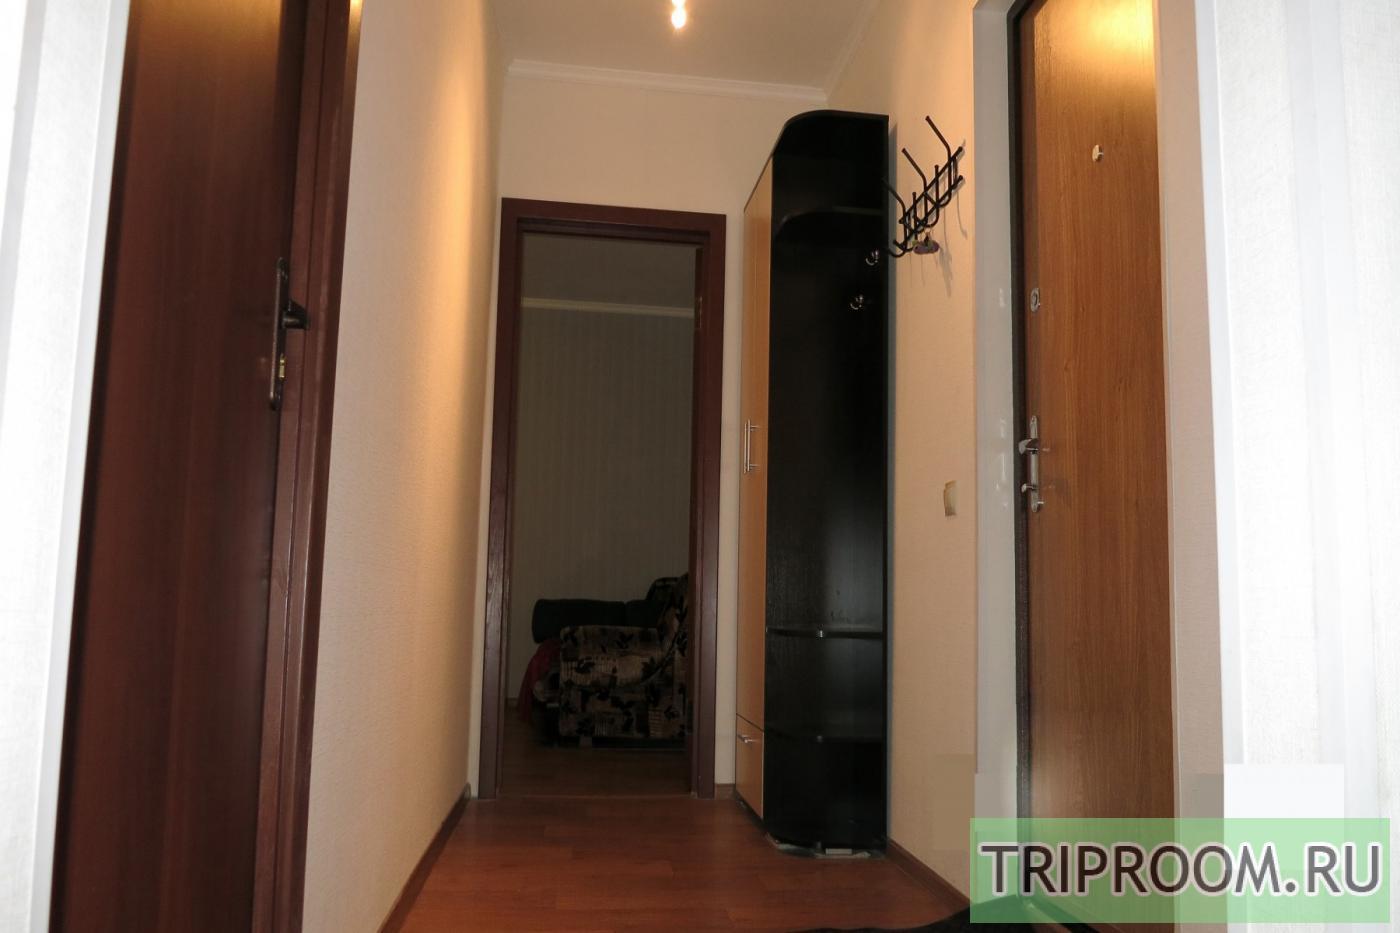 2-комнатная квартира посуточно (вариант № 6973), ул. Авиационная улица, фото № 9